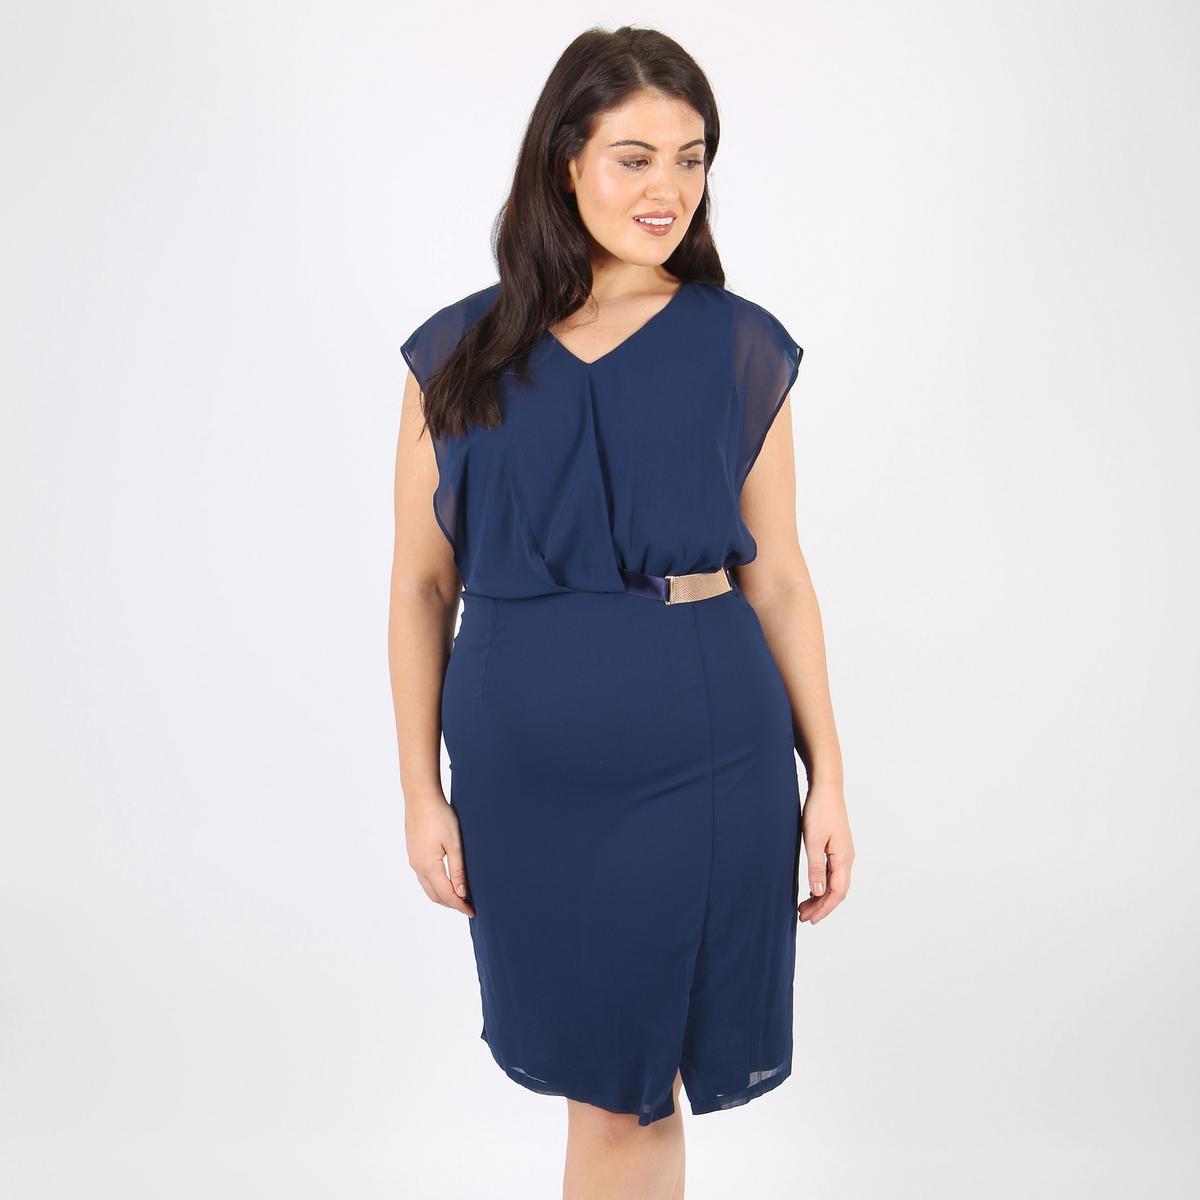 Платье прямое средней длиныДетали •  Форма : прямая •  Длина до колен •  Без рукавов    •   V-образный вырез •  Рисунок-принтСостав и уход •  100% полиэстер •  Следуйте рекомендациям по уходу, указанным на этикетке изделияТовар из коллекции больших размеров<br><br>Цвет: синий